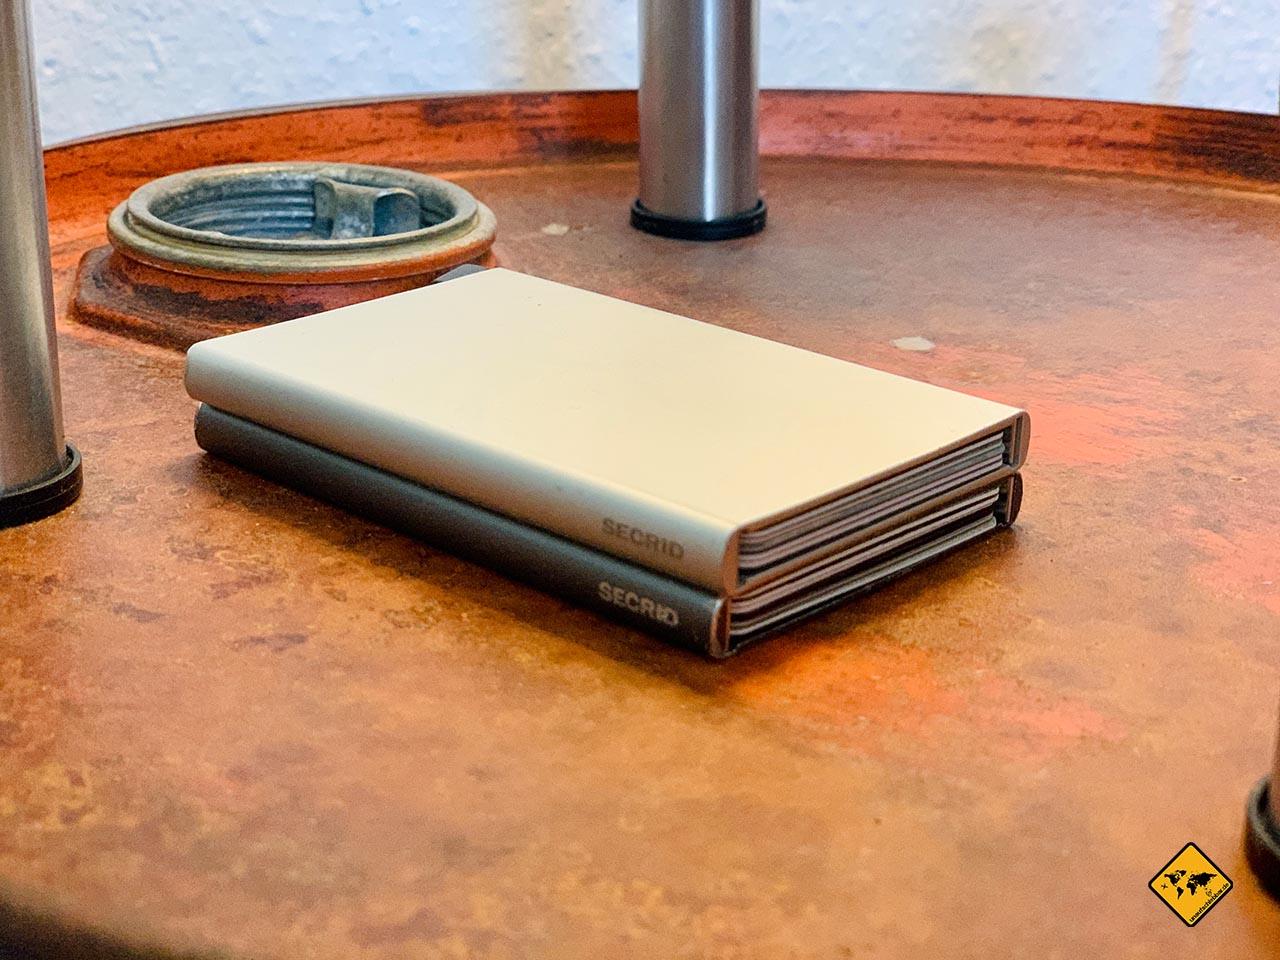 SECRID Cardprotector mit RFID Schutz doppelt